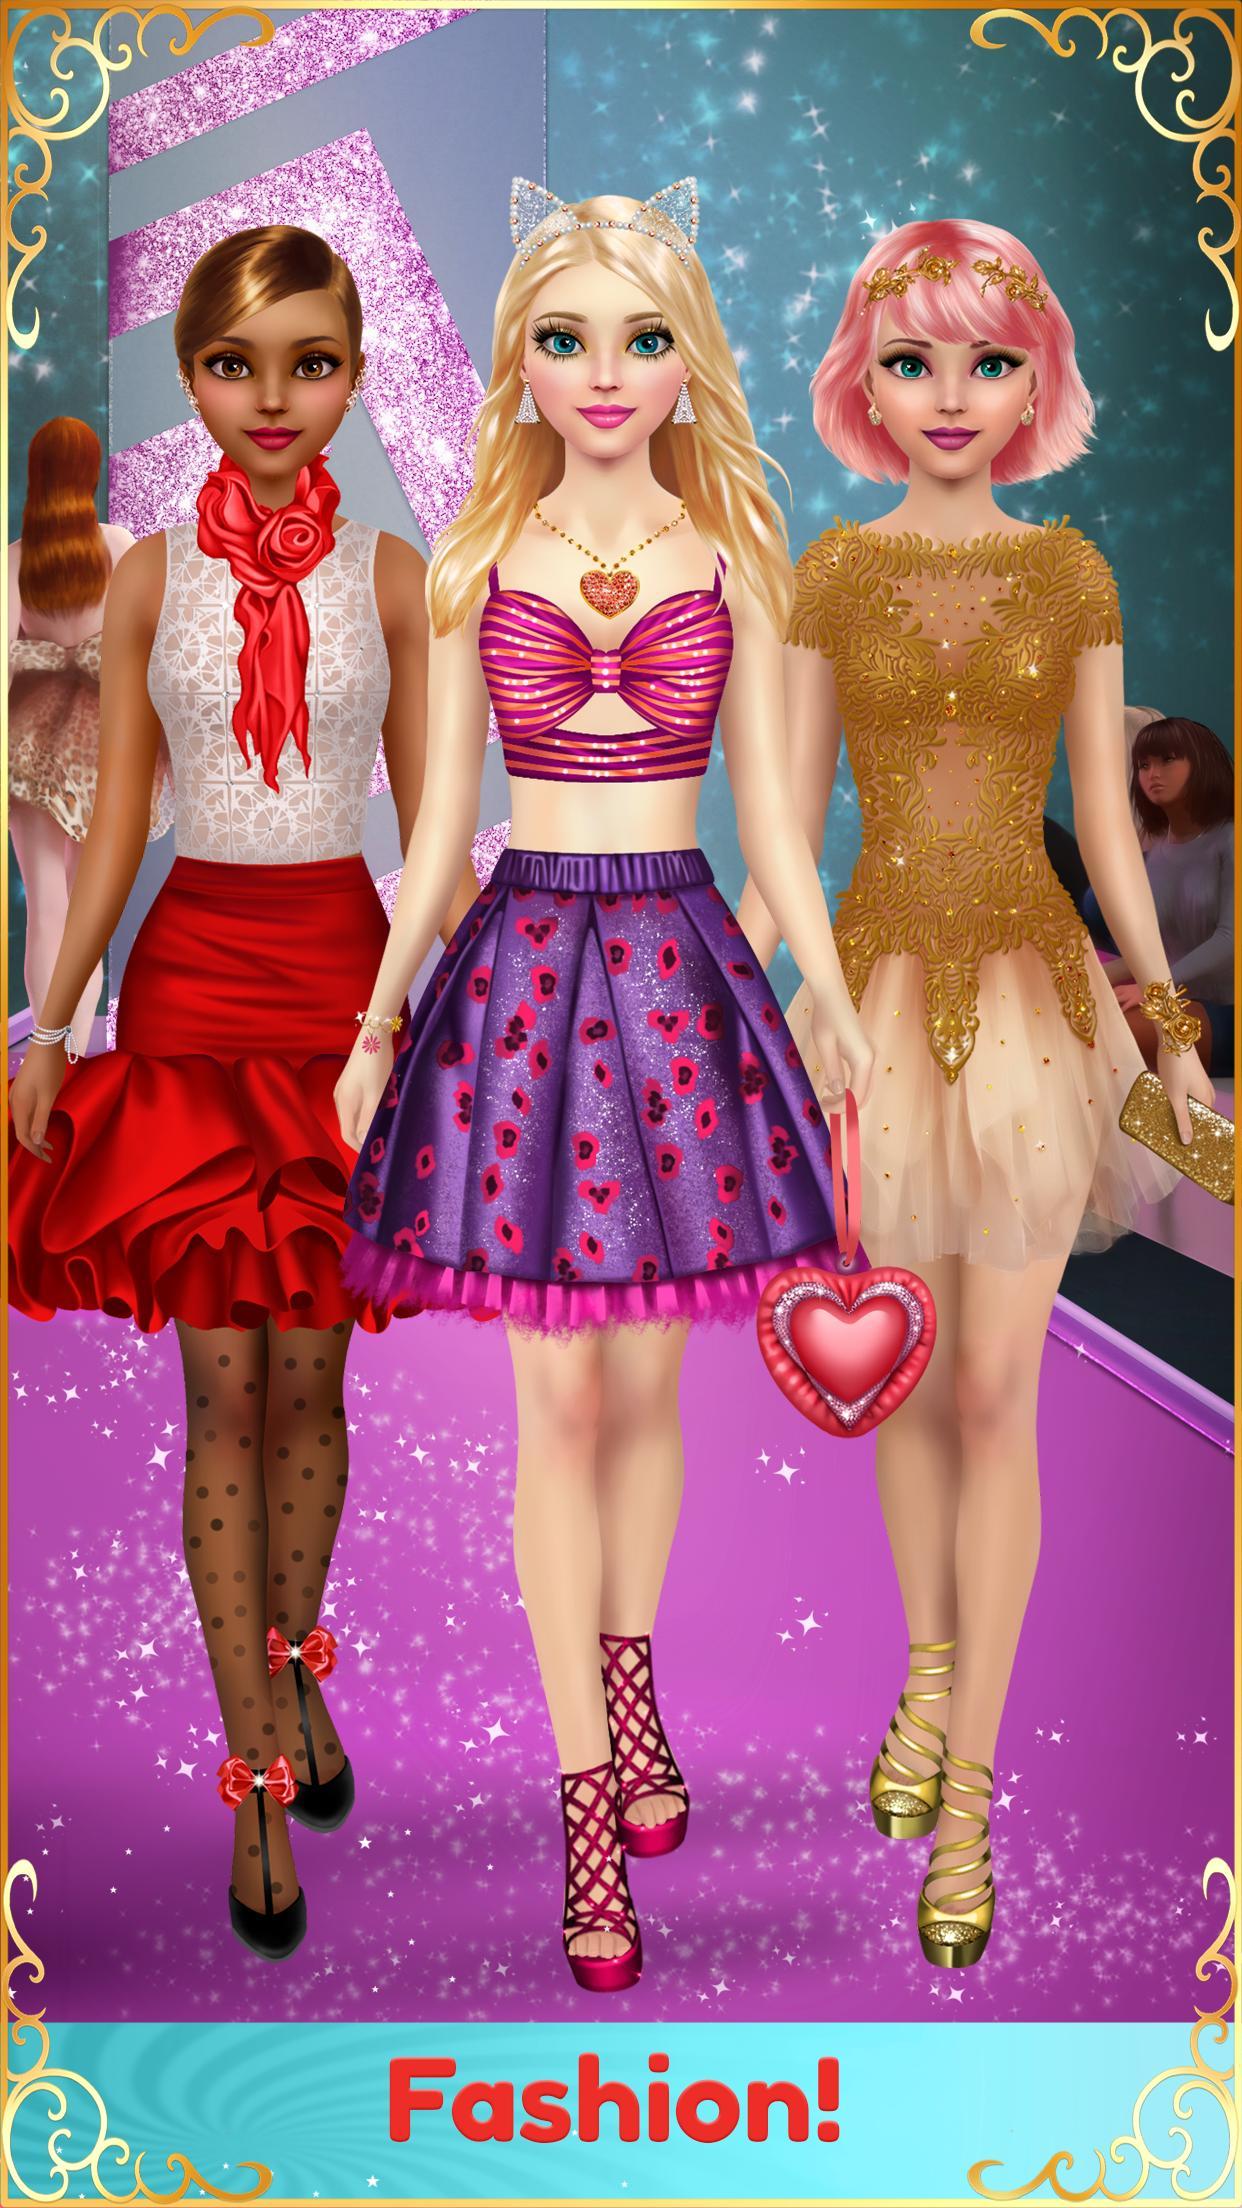 Juegos De Chicas Maquillaje Y Vestir For Android Apk